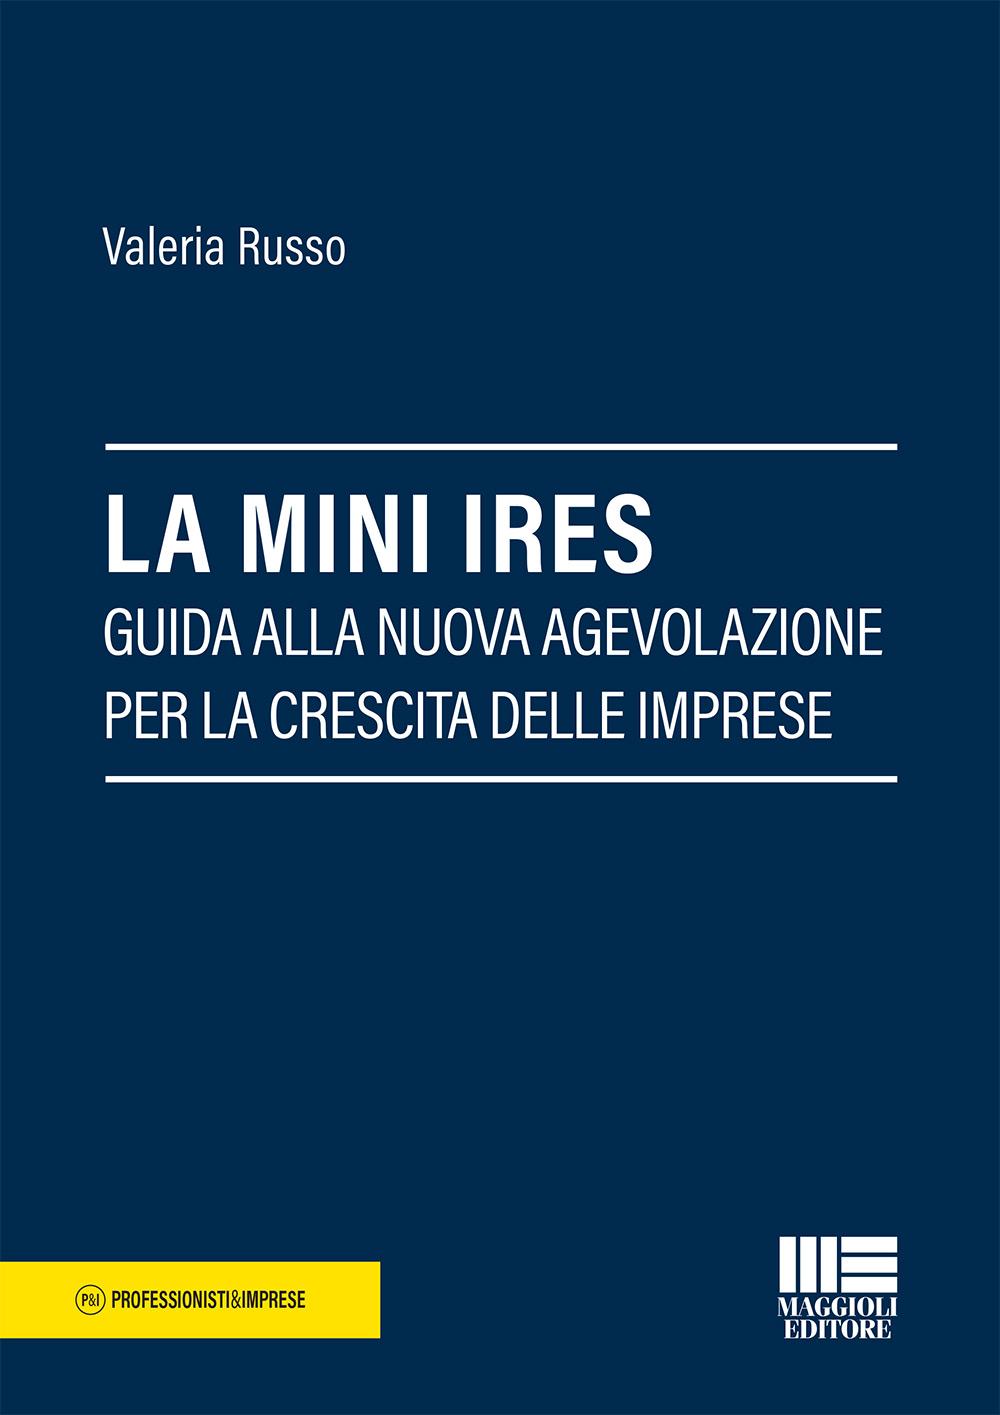 La mini Ires